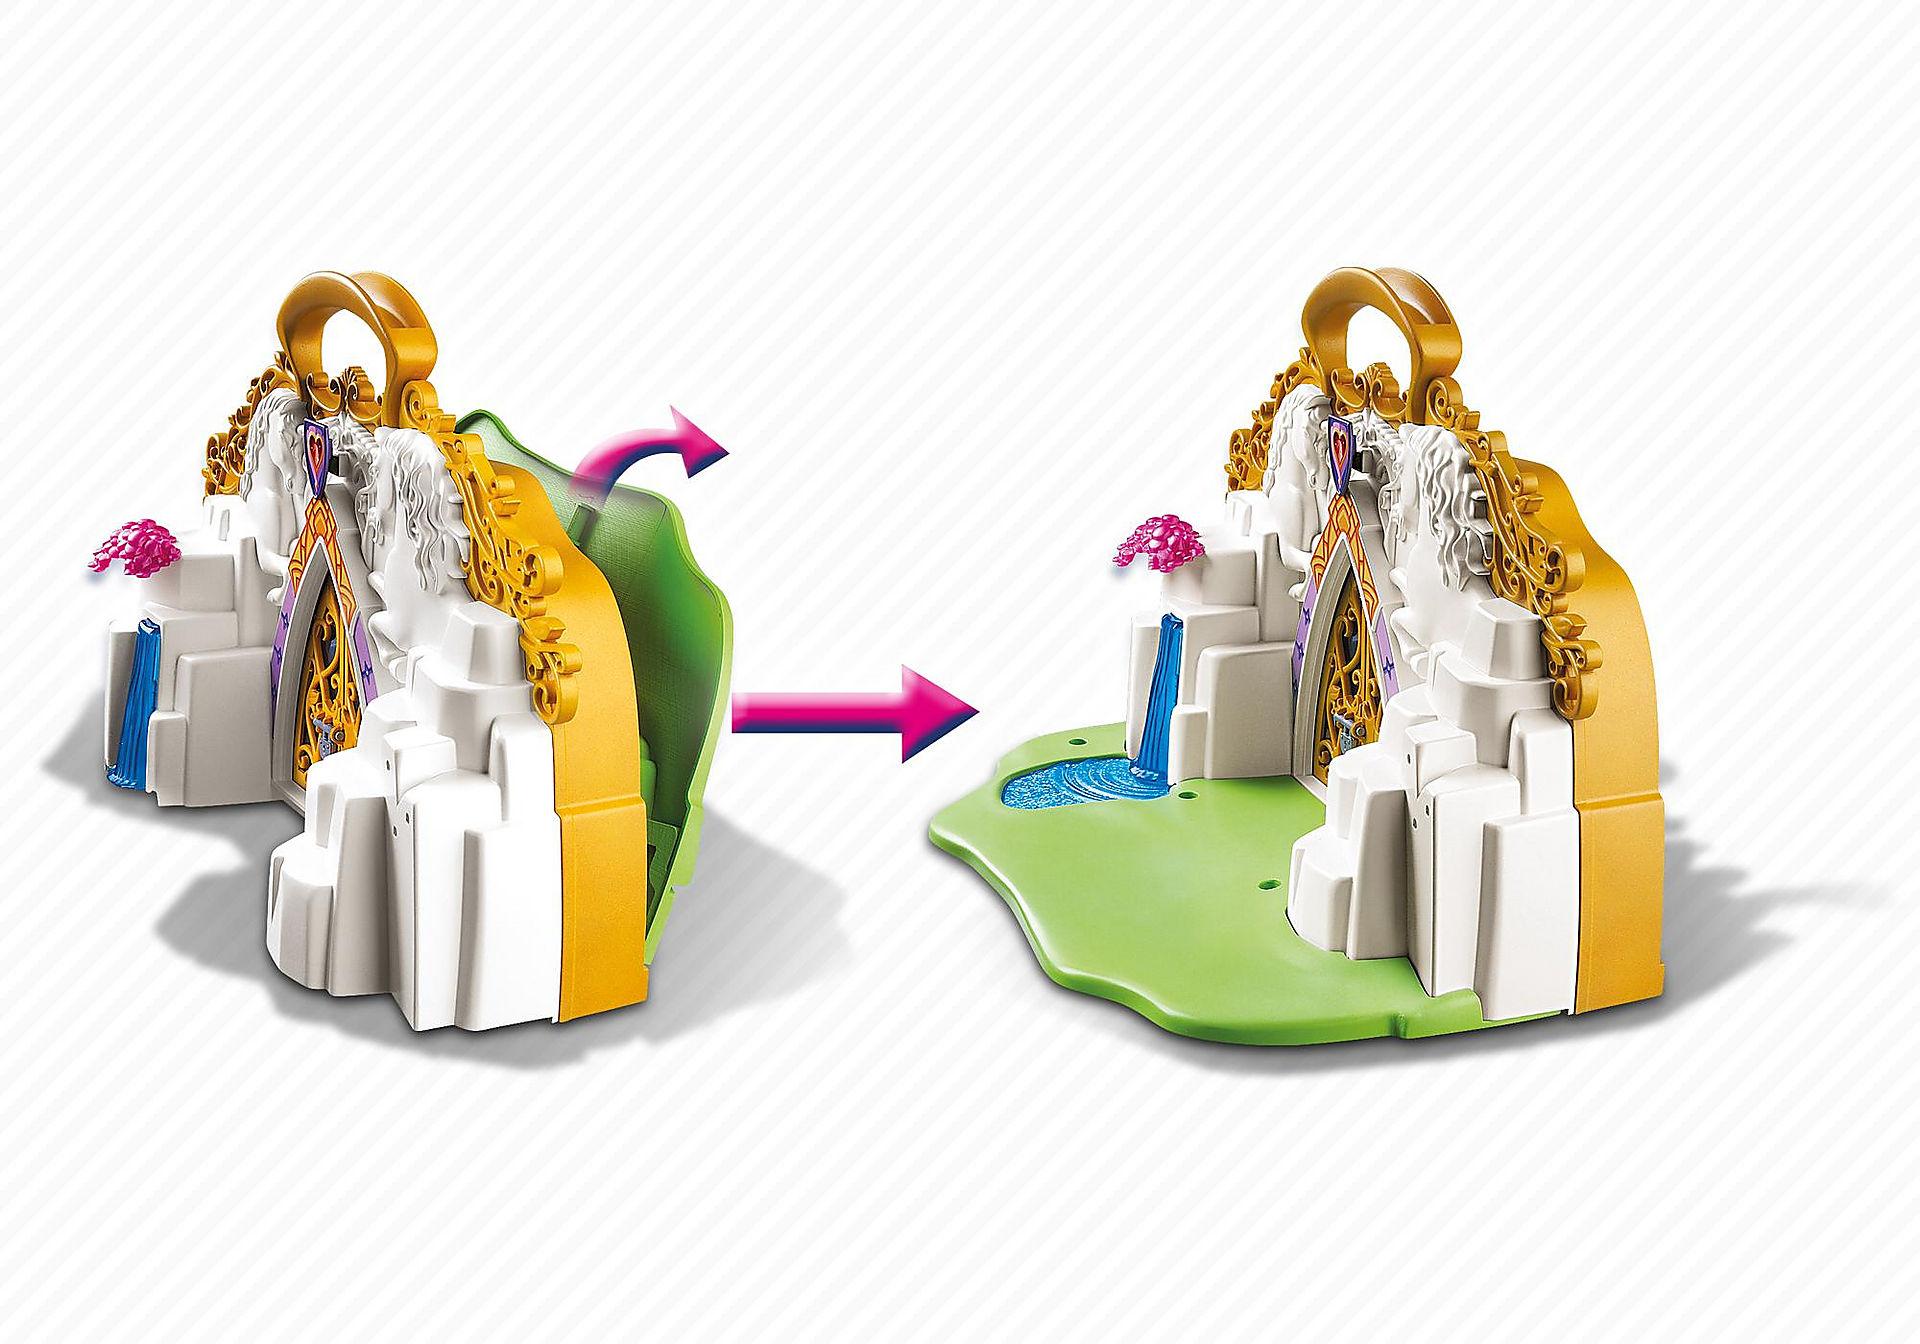 5208 Take Along Unicorn Fairy Land zoom image4